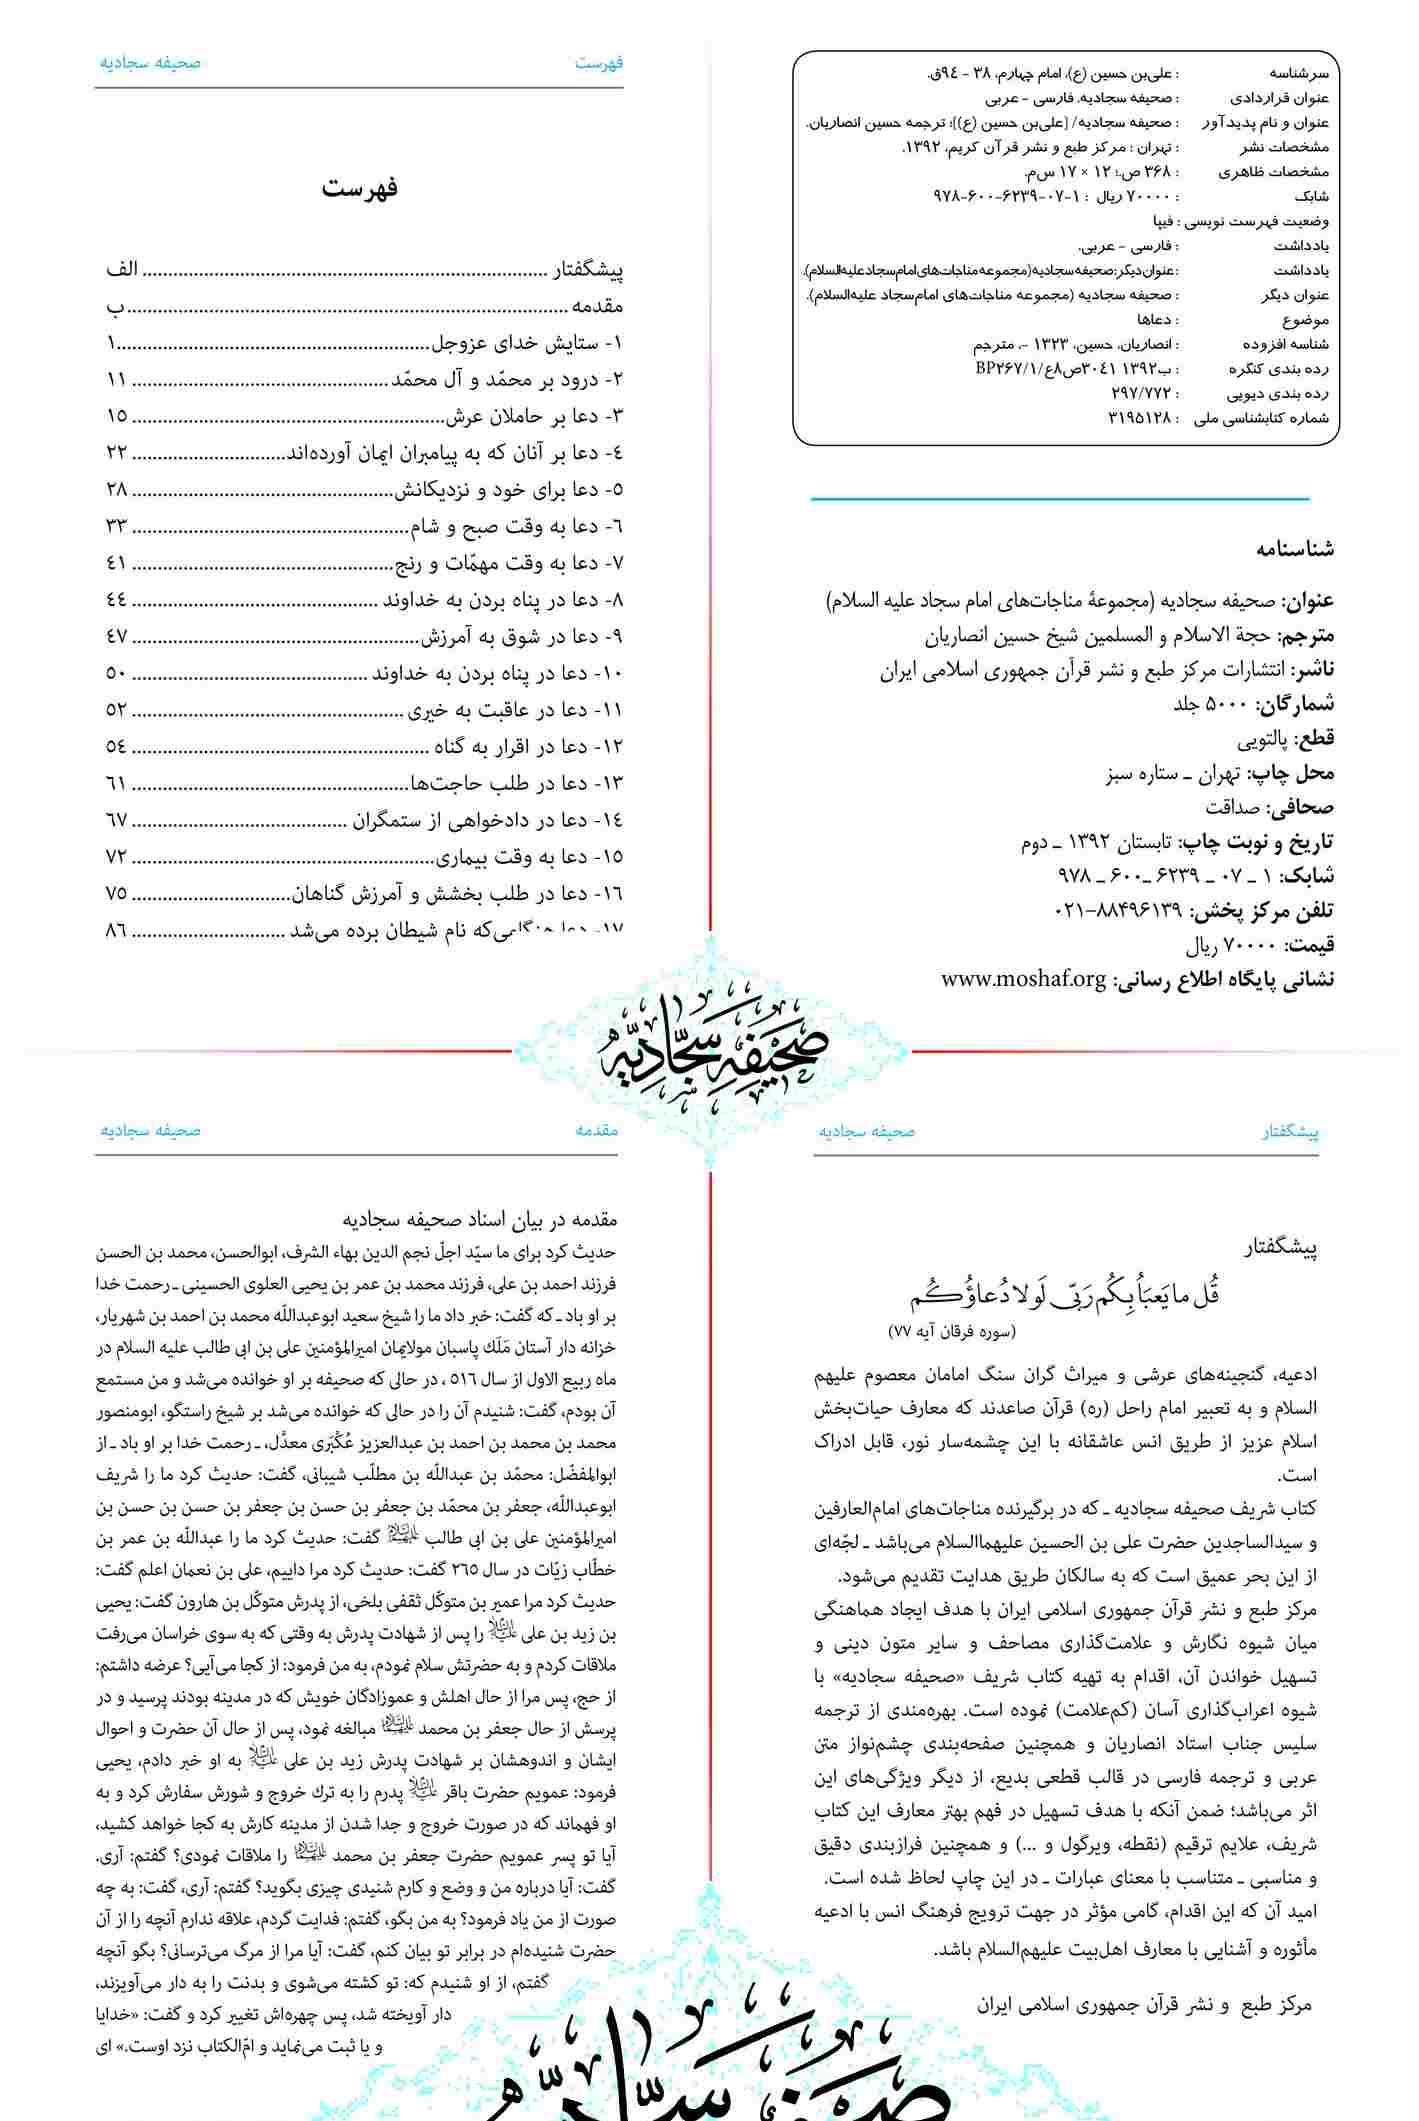 دانلود کتاب صحیفه سجادیه با ویژگیهای ممتاز (فایل pdf ترجمه فارسی)